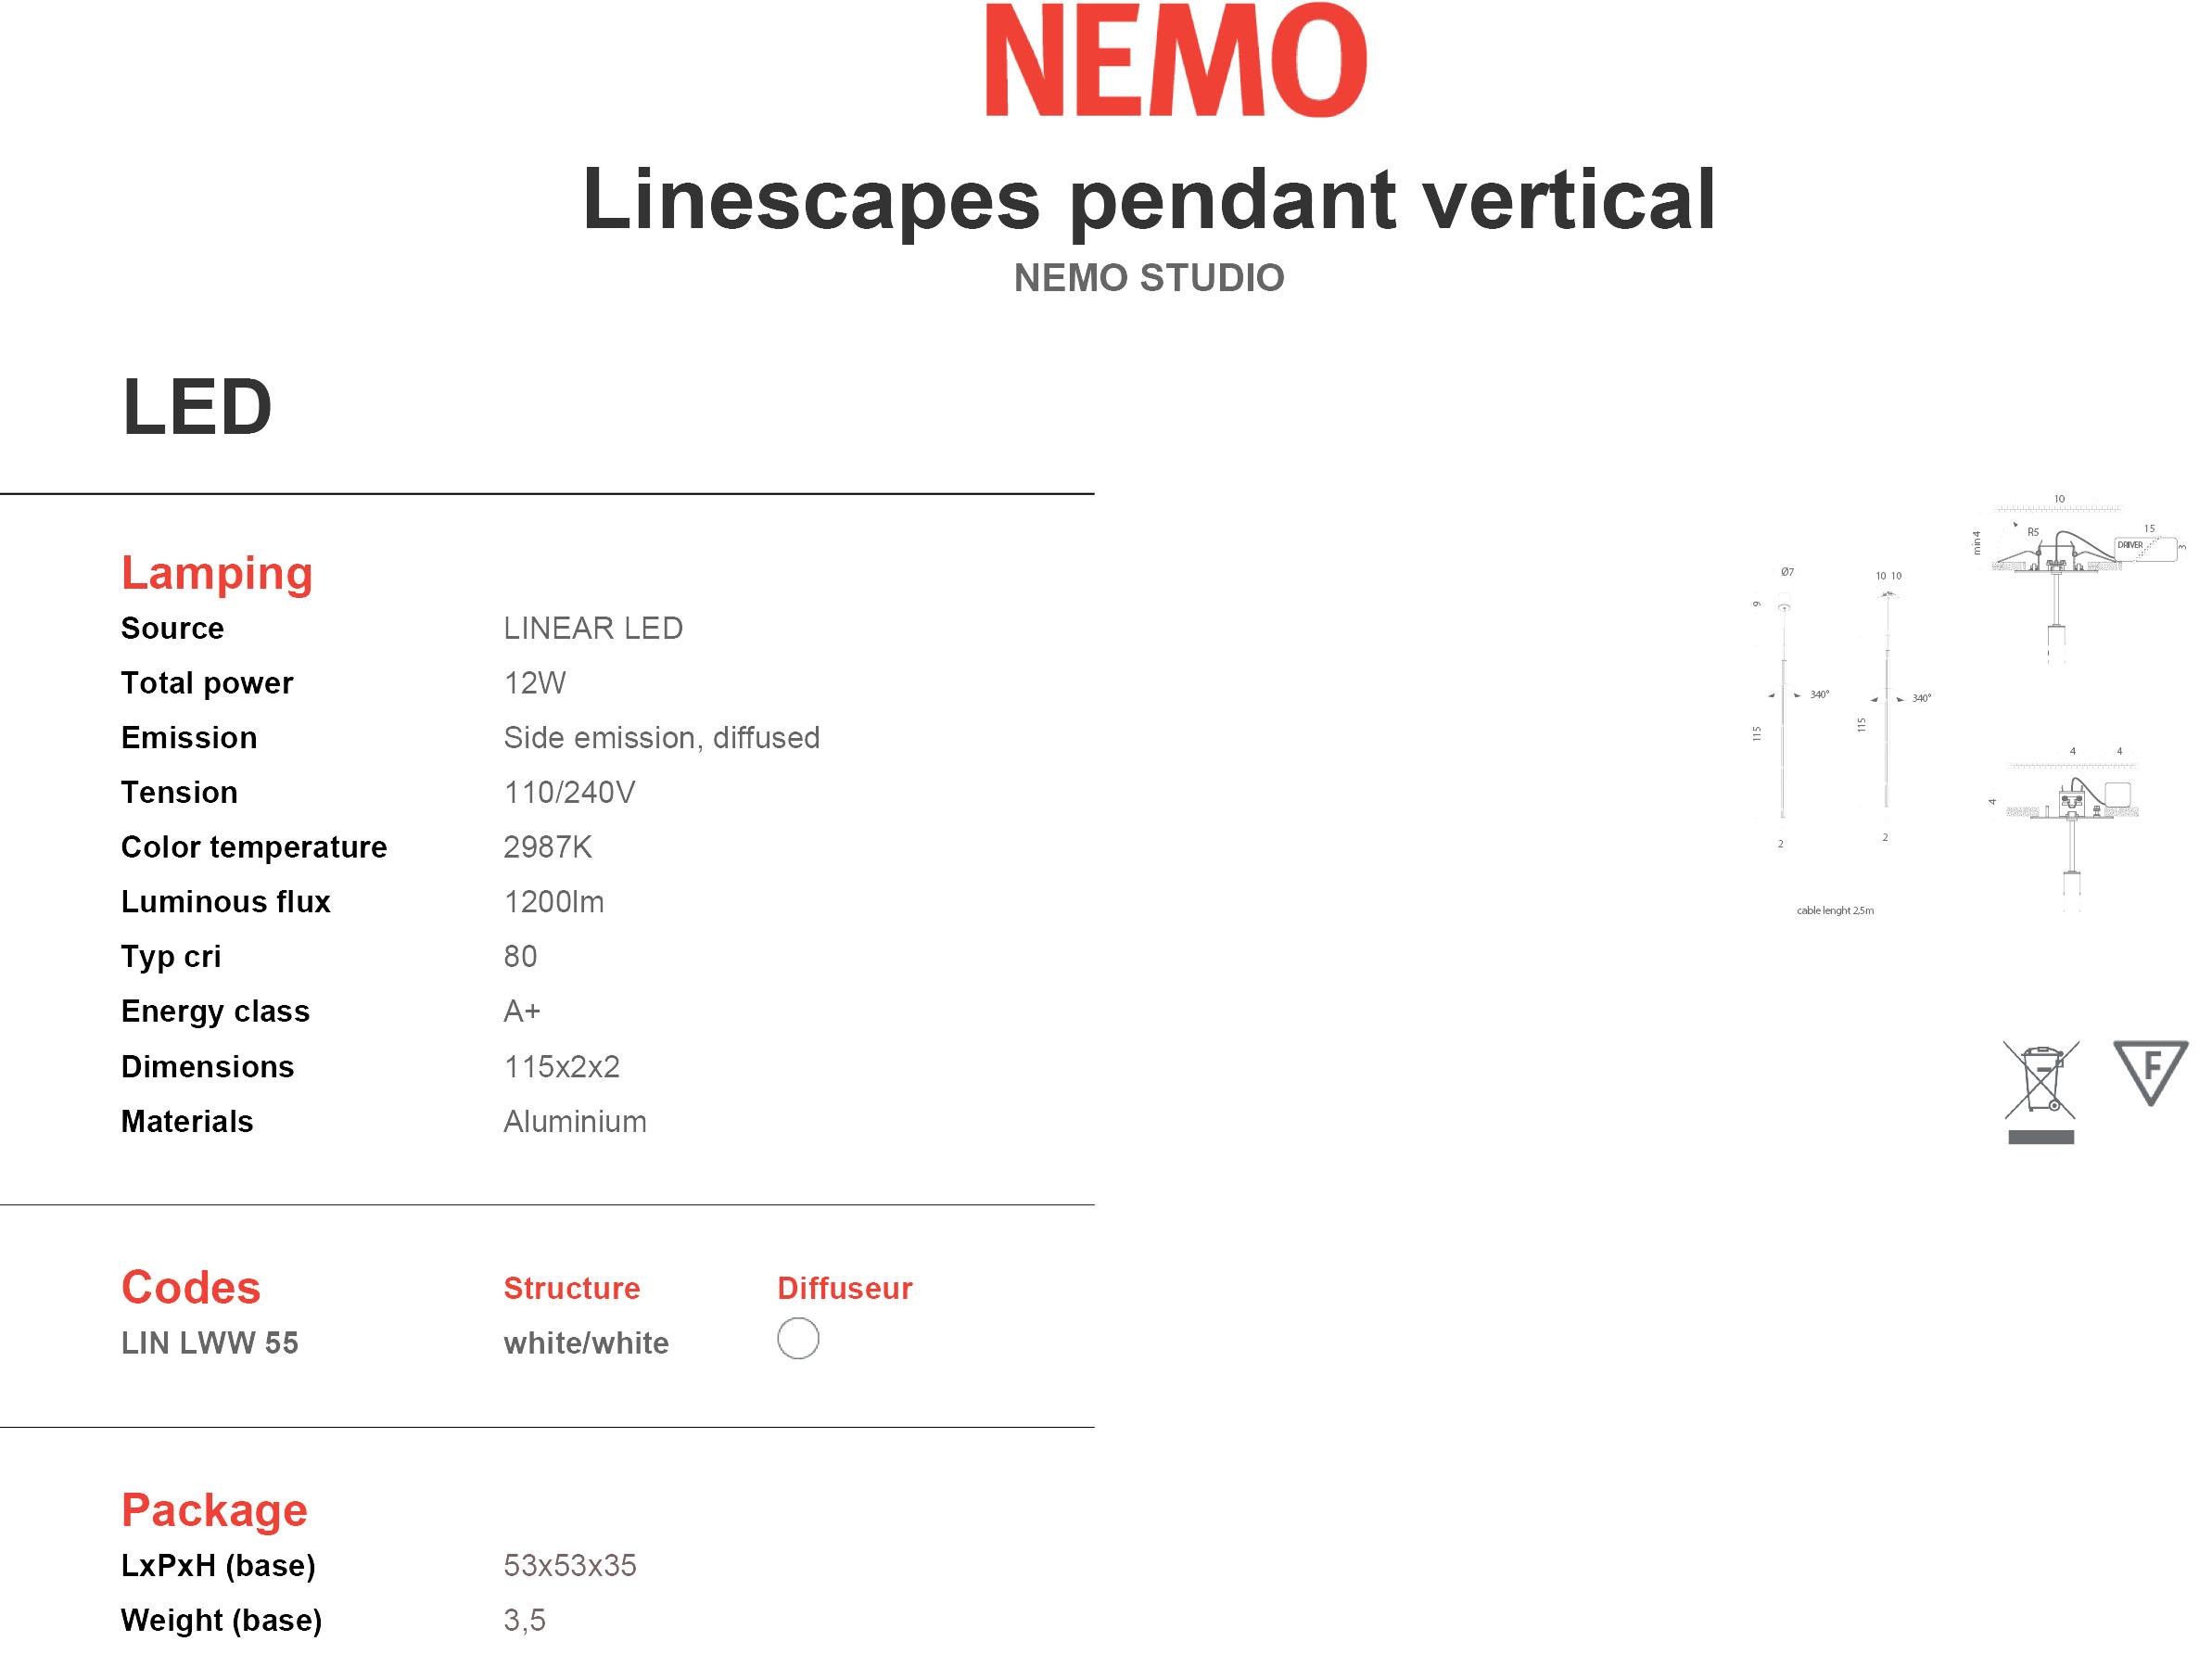 Nemo Linescapes Pendant Vertical Tech